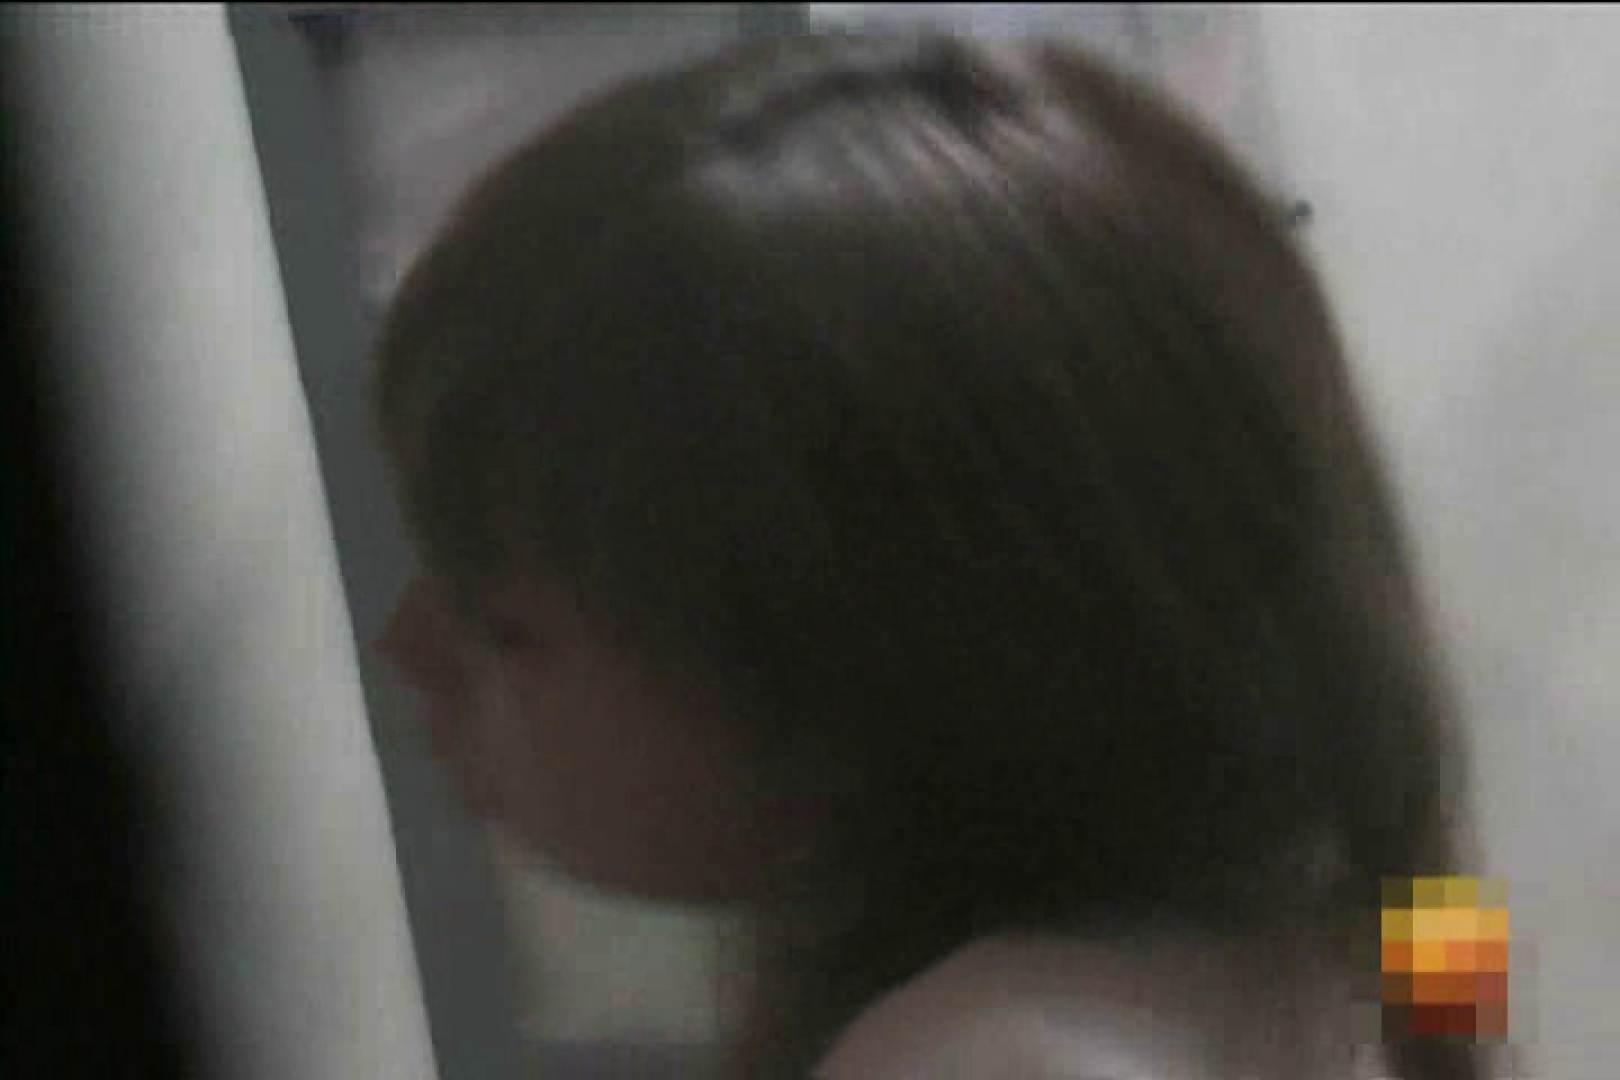 民家自慰マニアVol.7 オナニーする女性たち | OLセックス  54画像 37